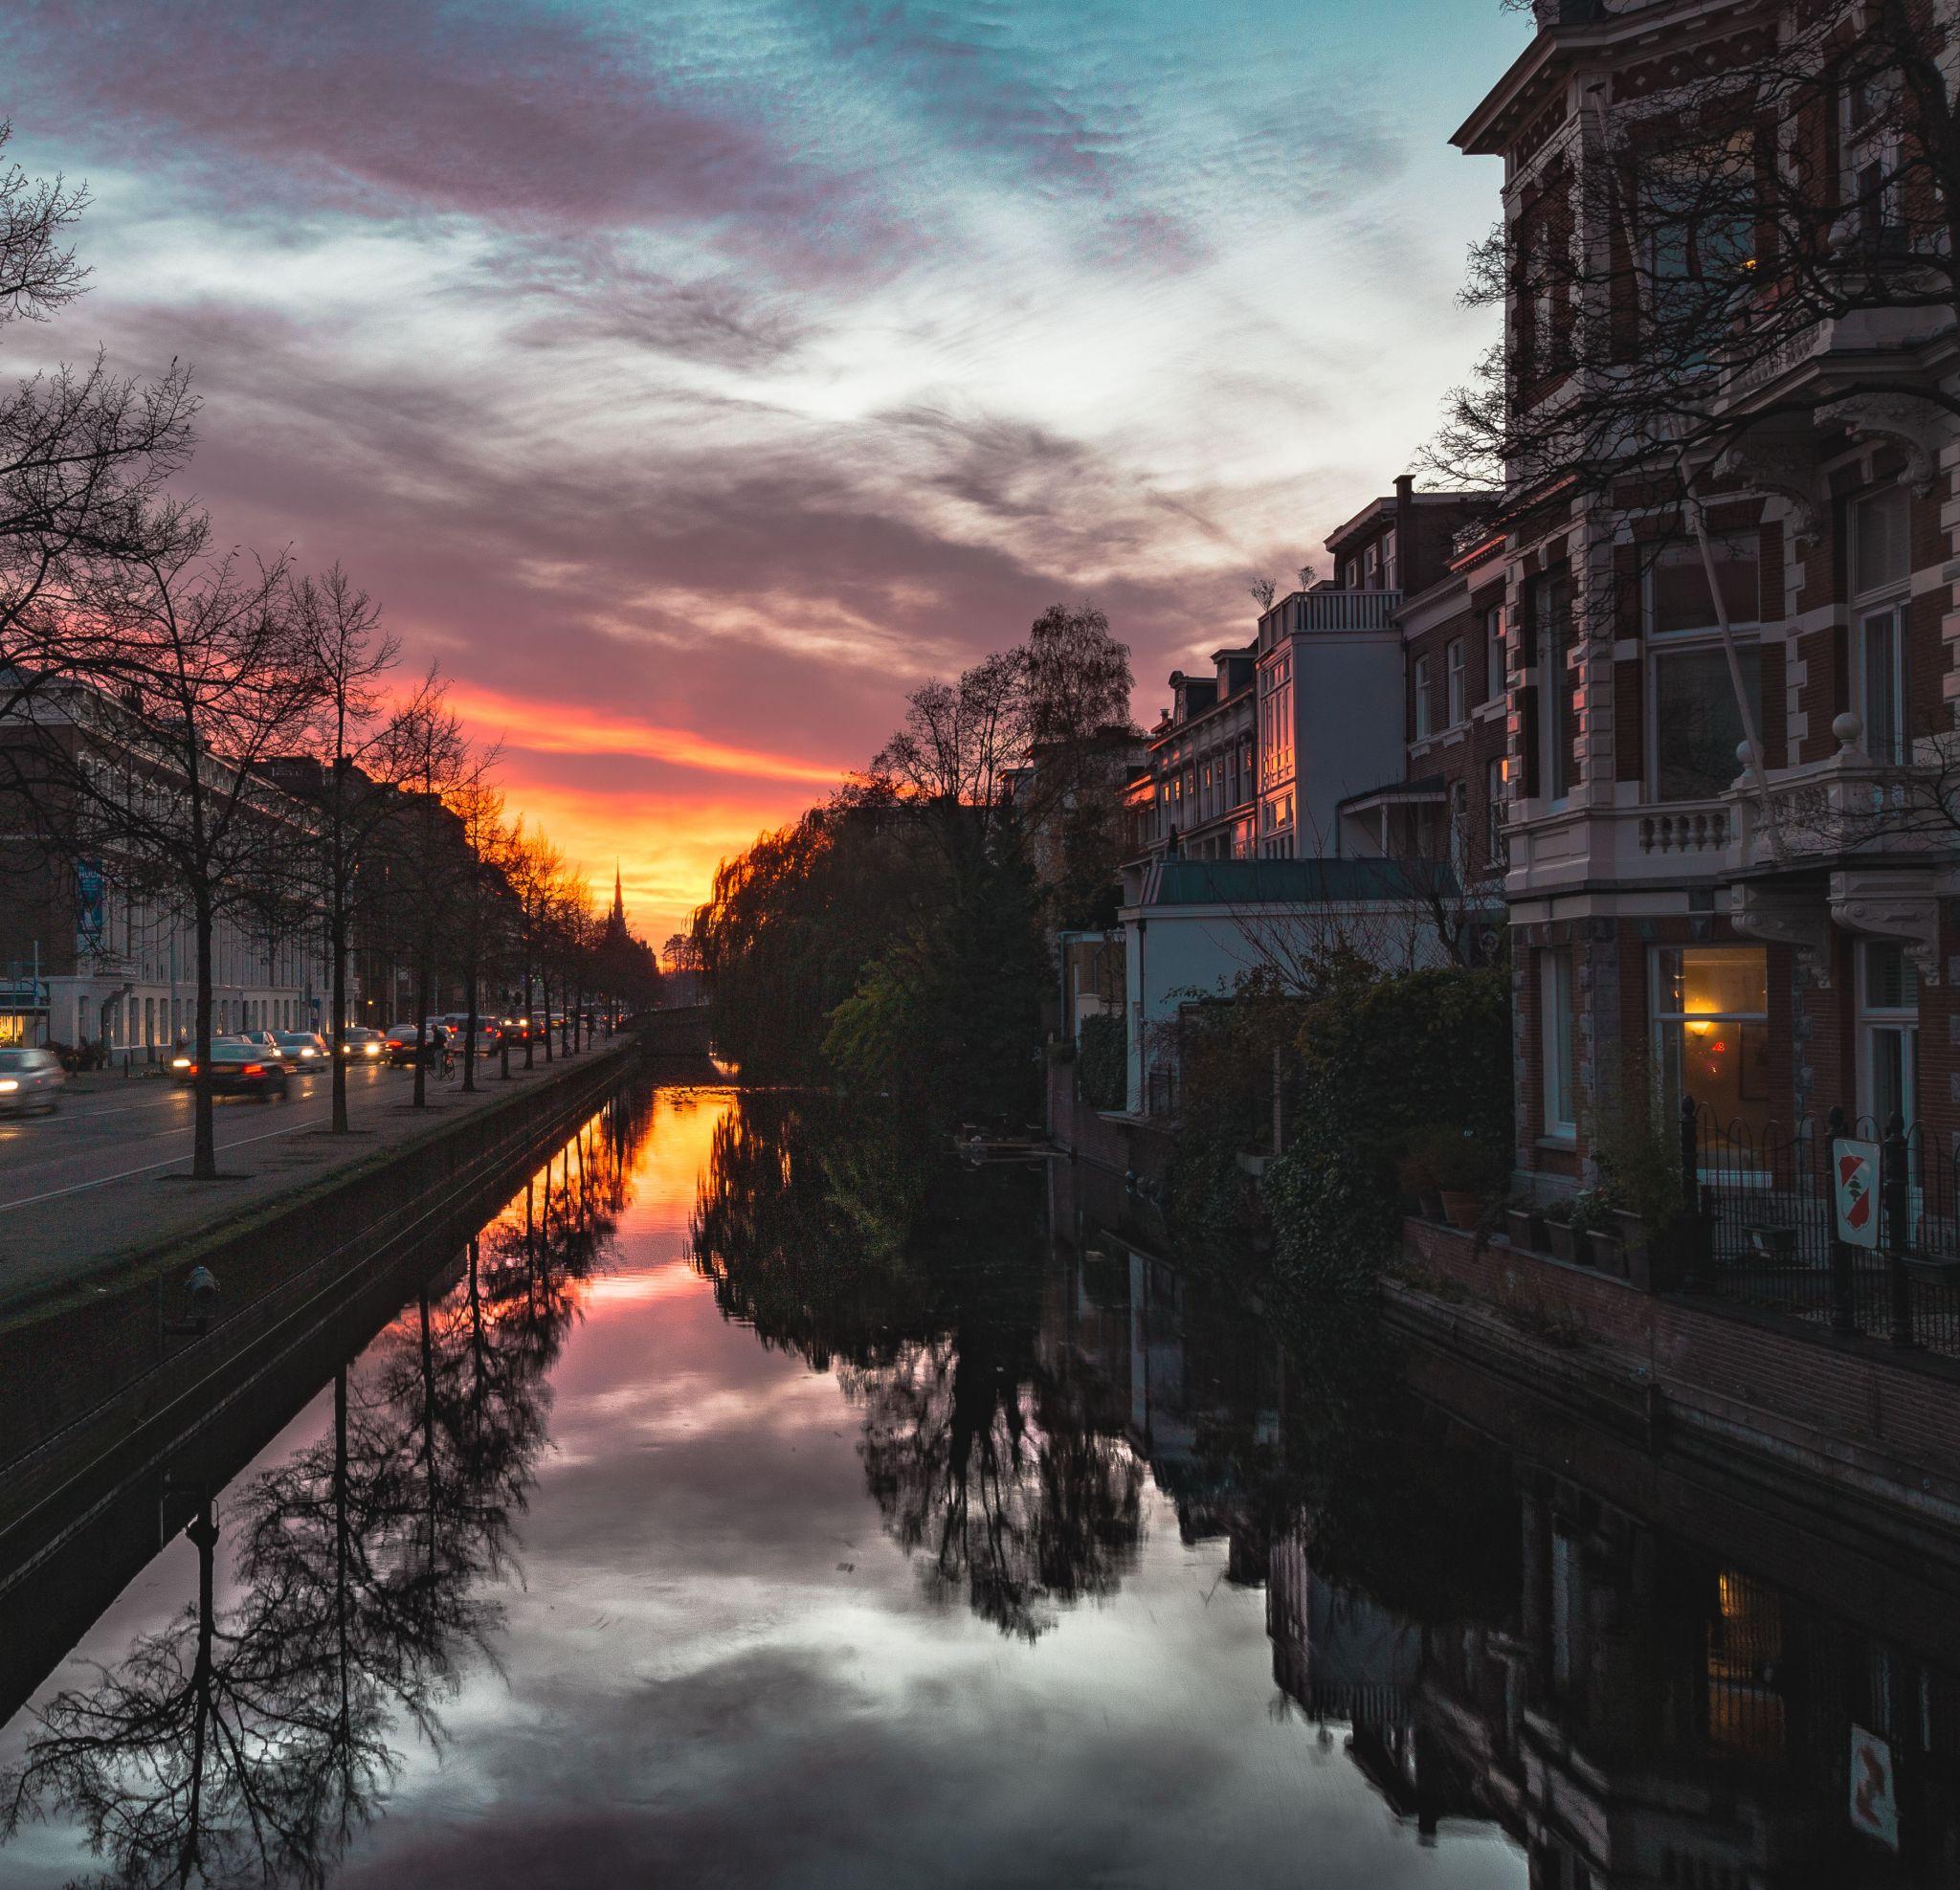 Sunset Reflection, Netherlands